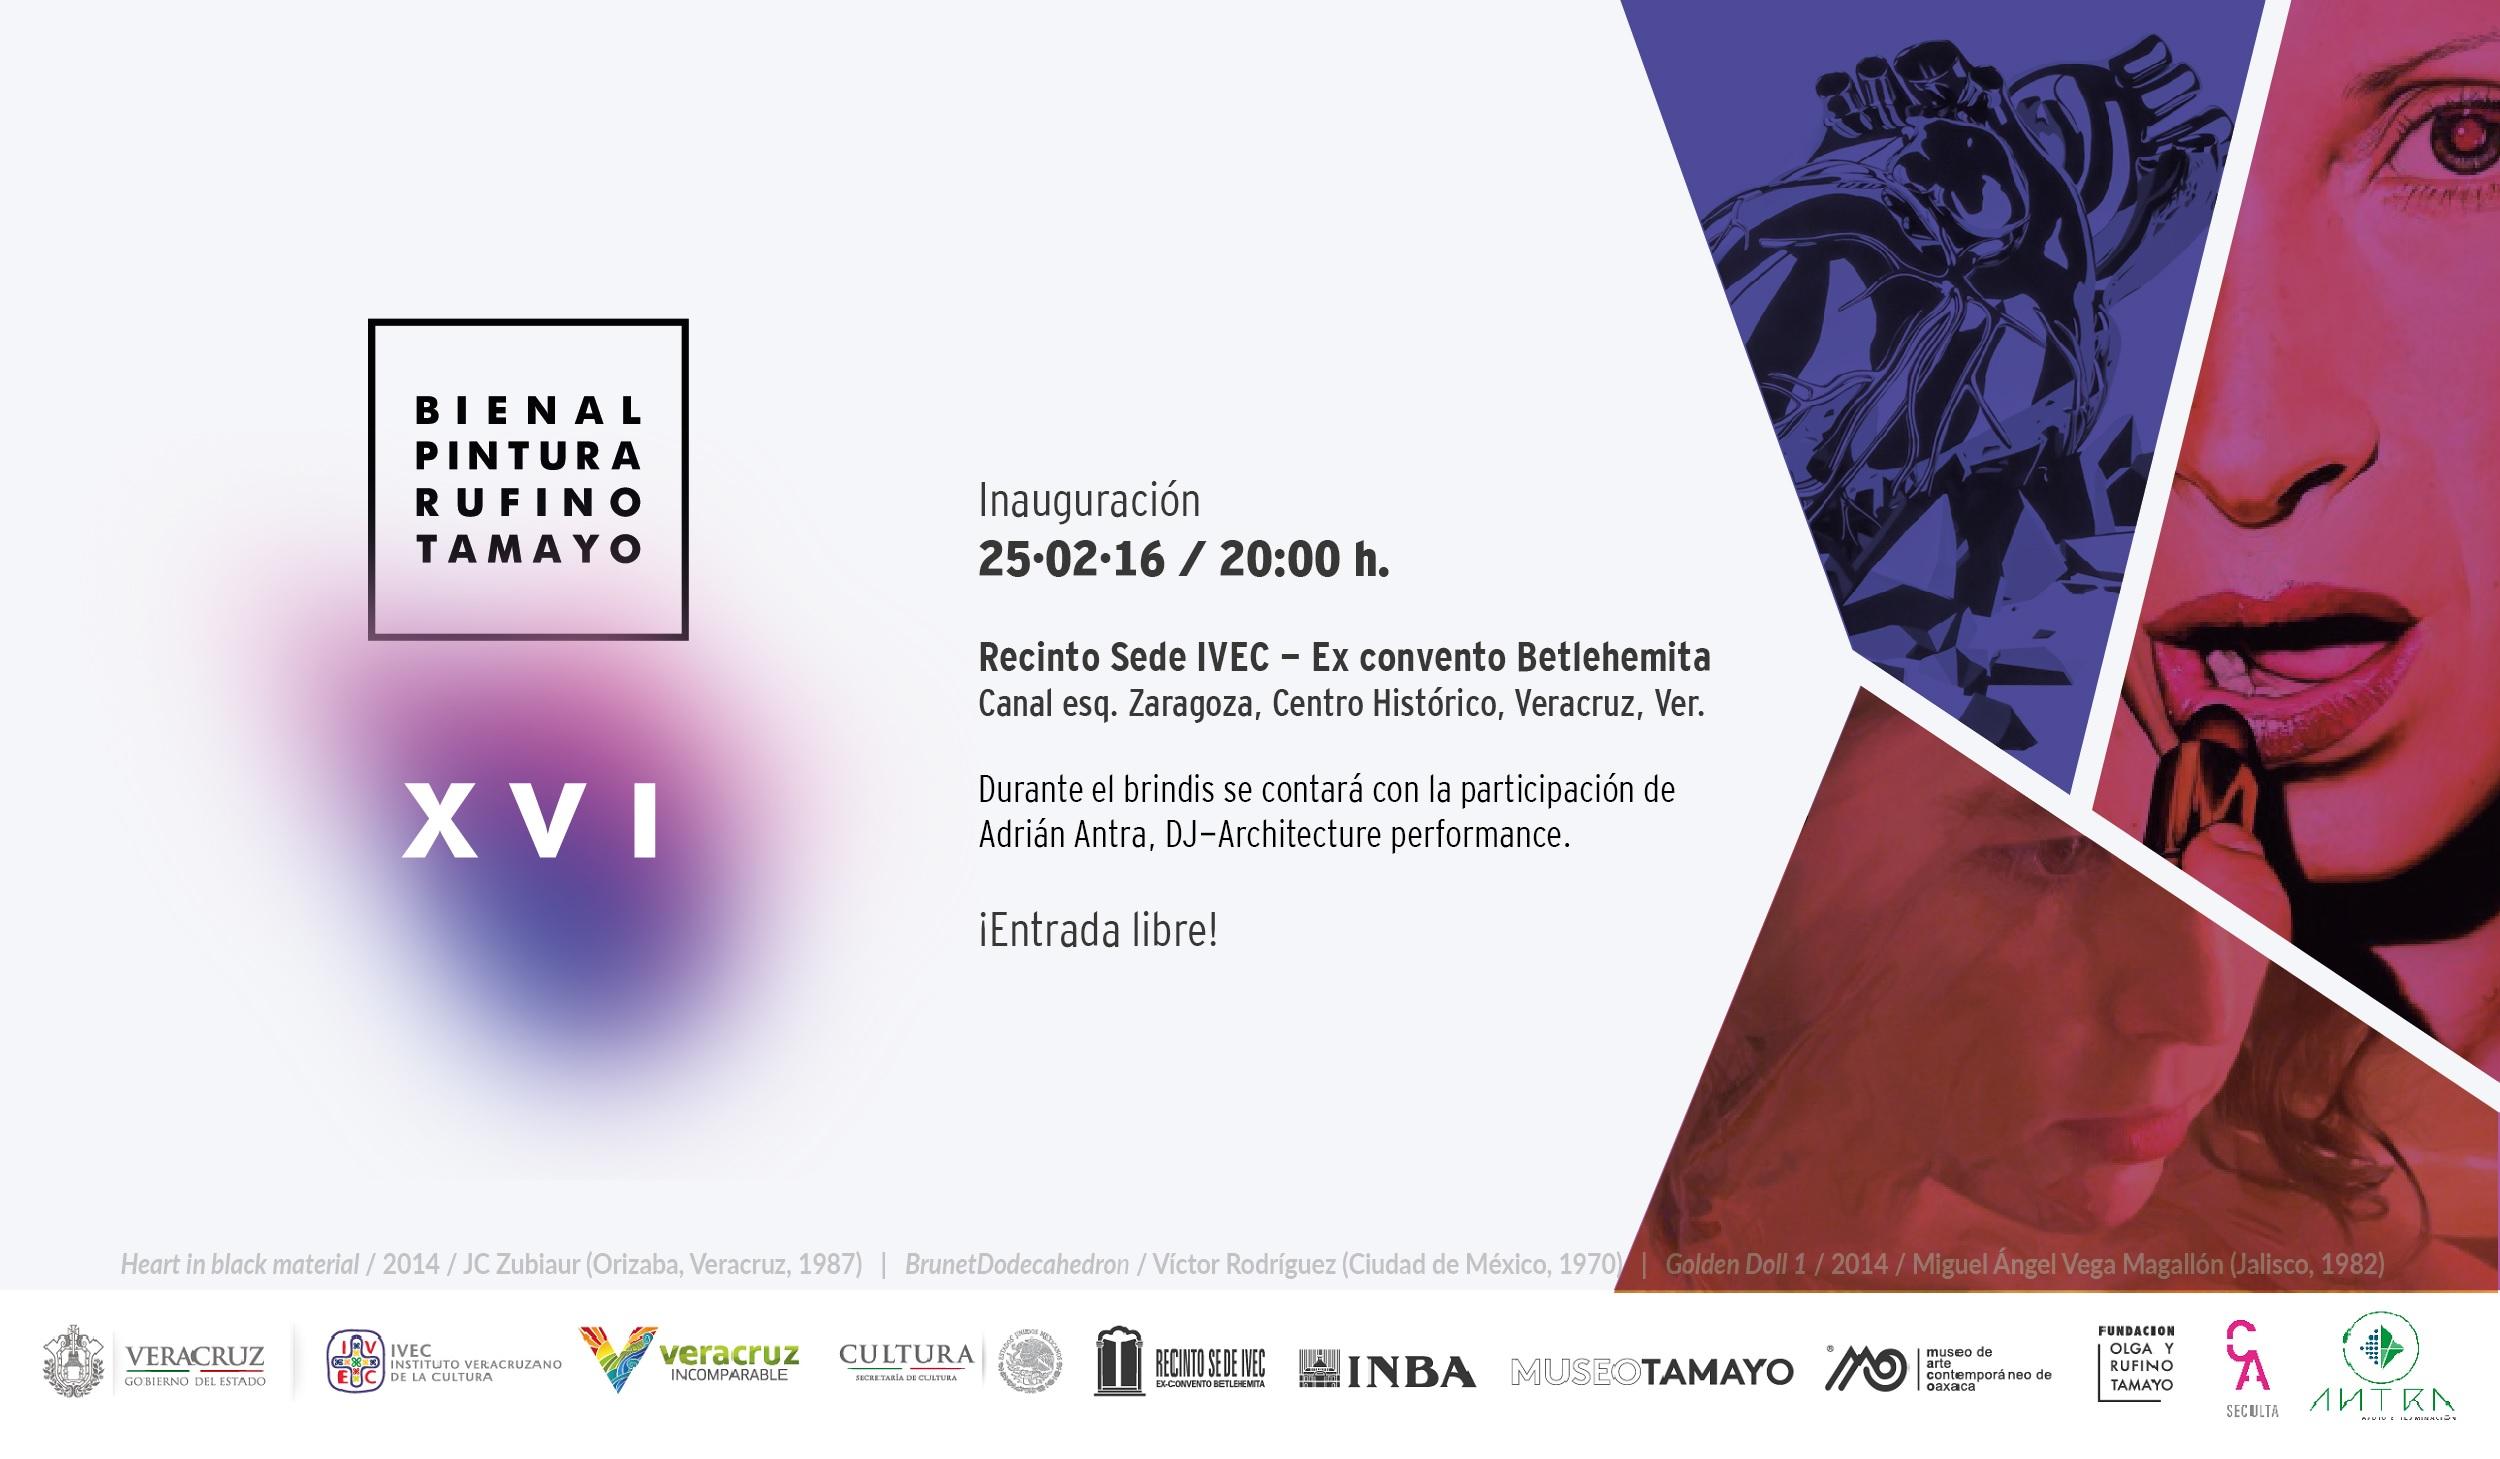 Presentará IVEC importante muestra de pintura contemporánea de México